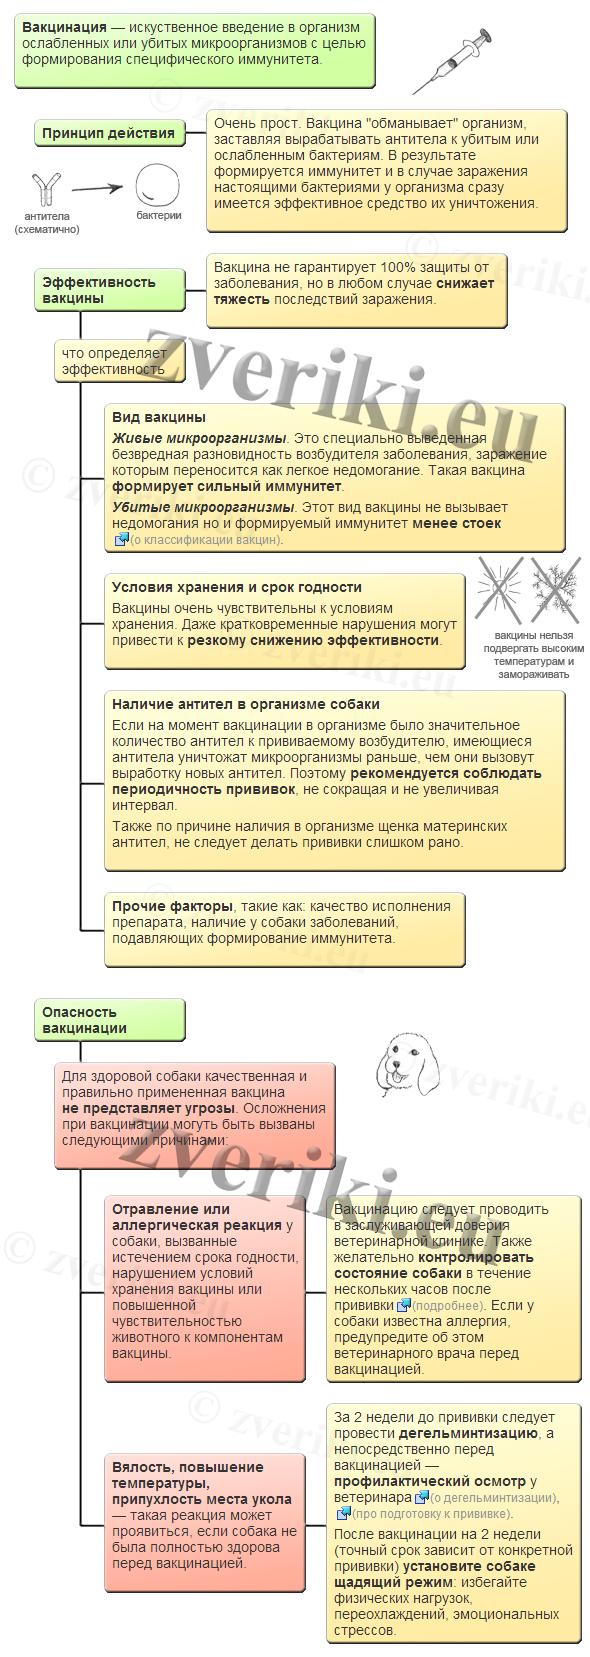 схема введения прививок